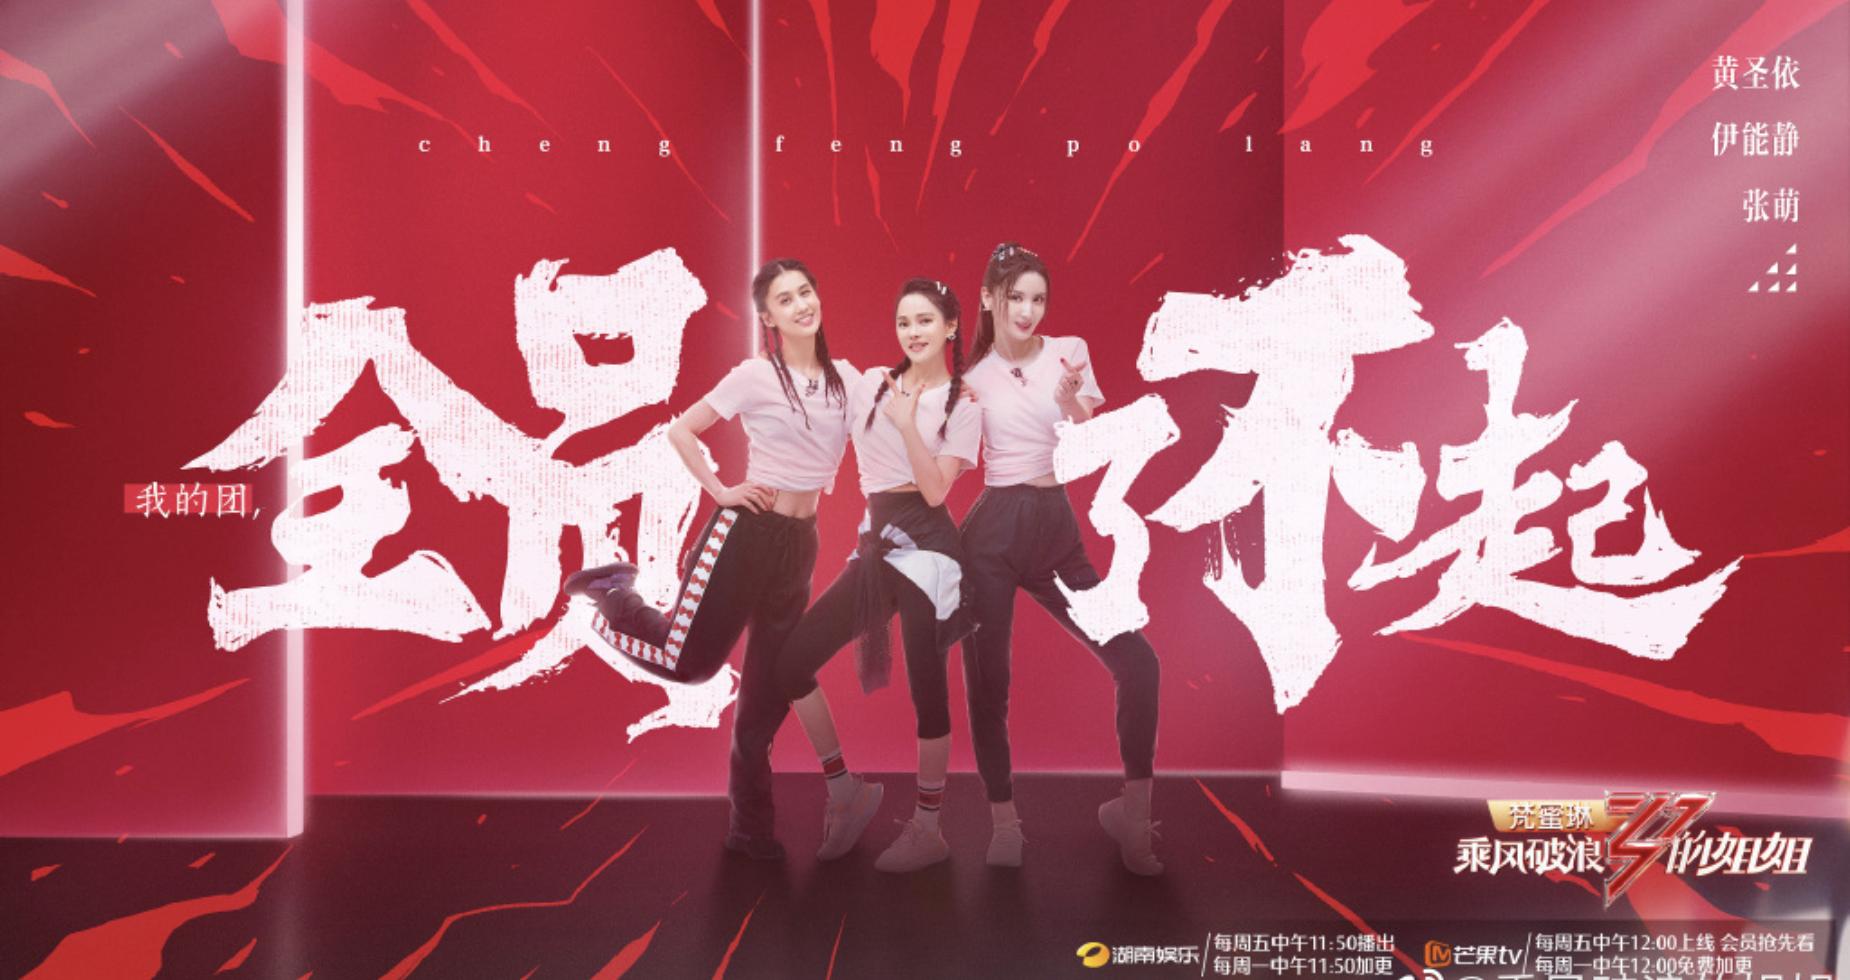 《乘风破浪的姐姐》二公海报曝光 组成8支3人女团